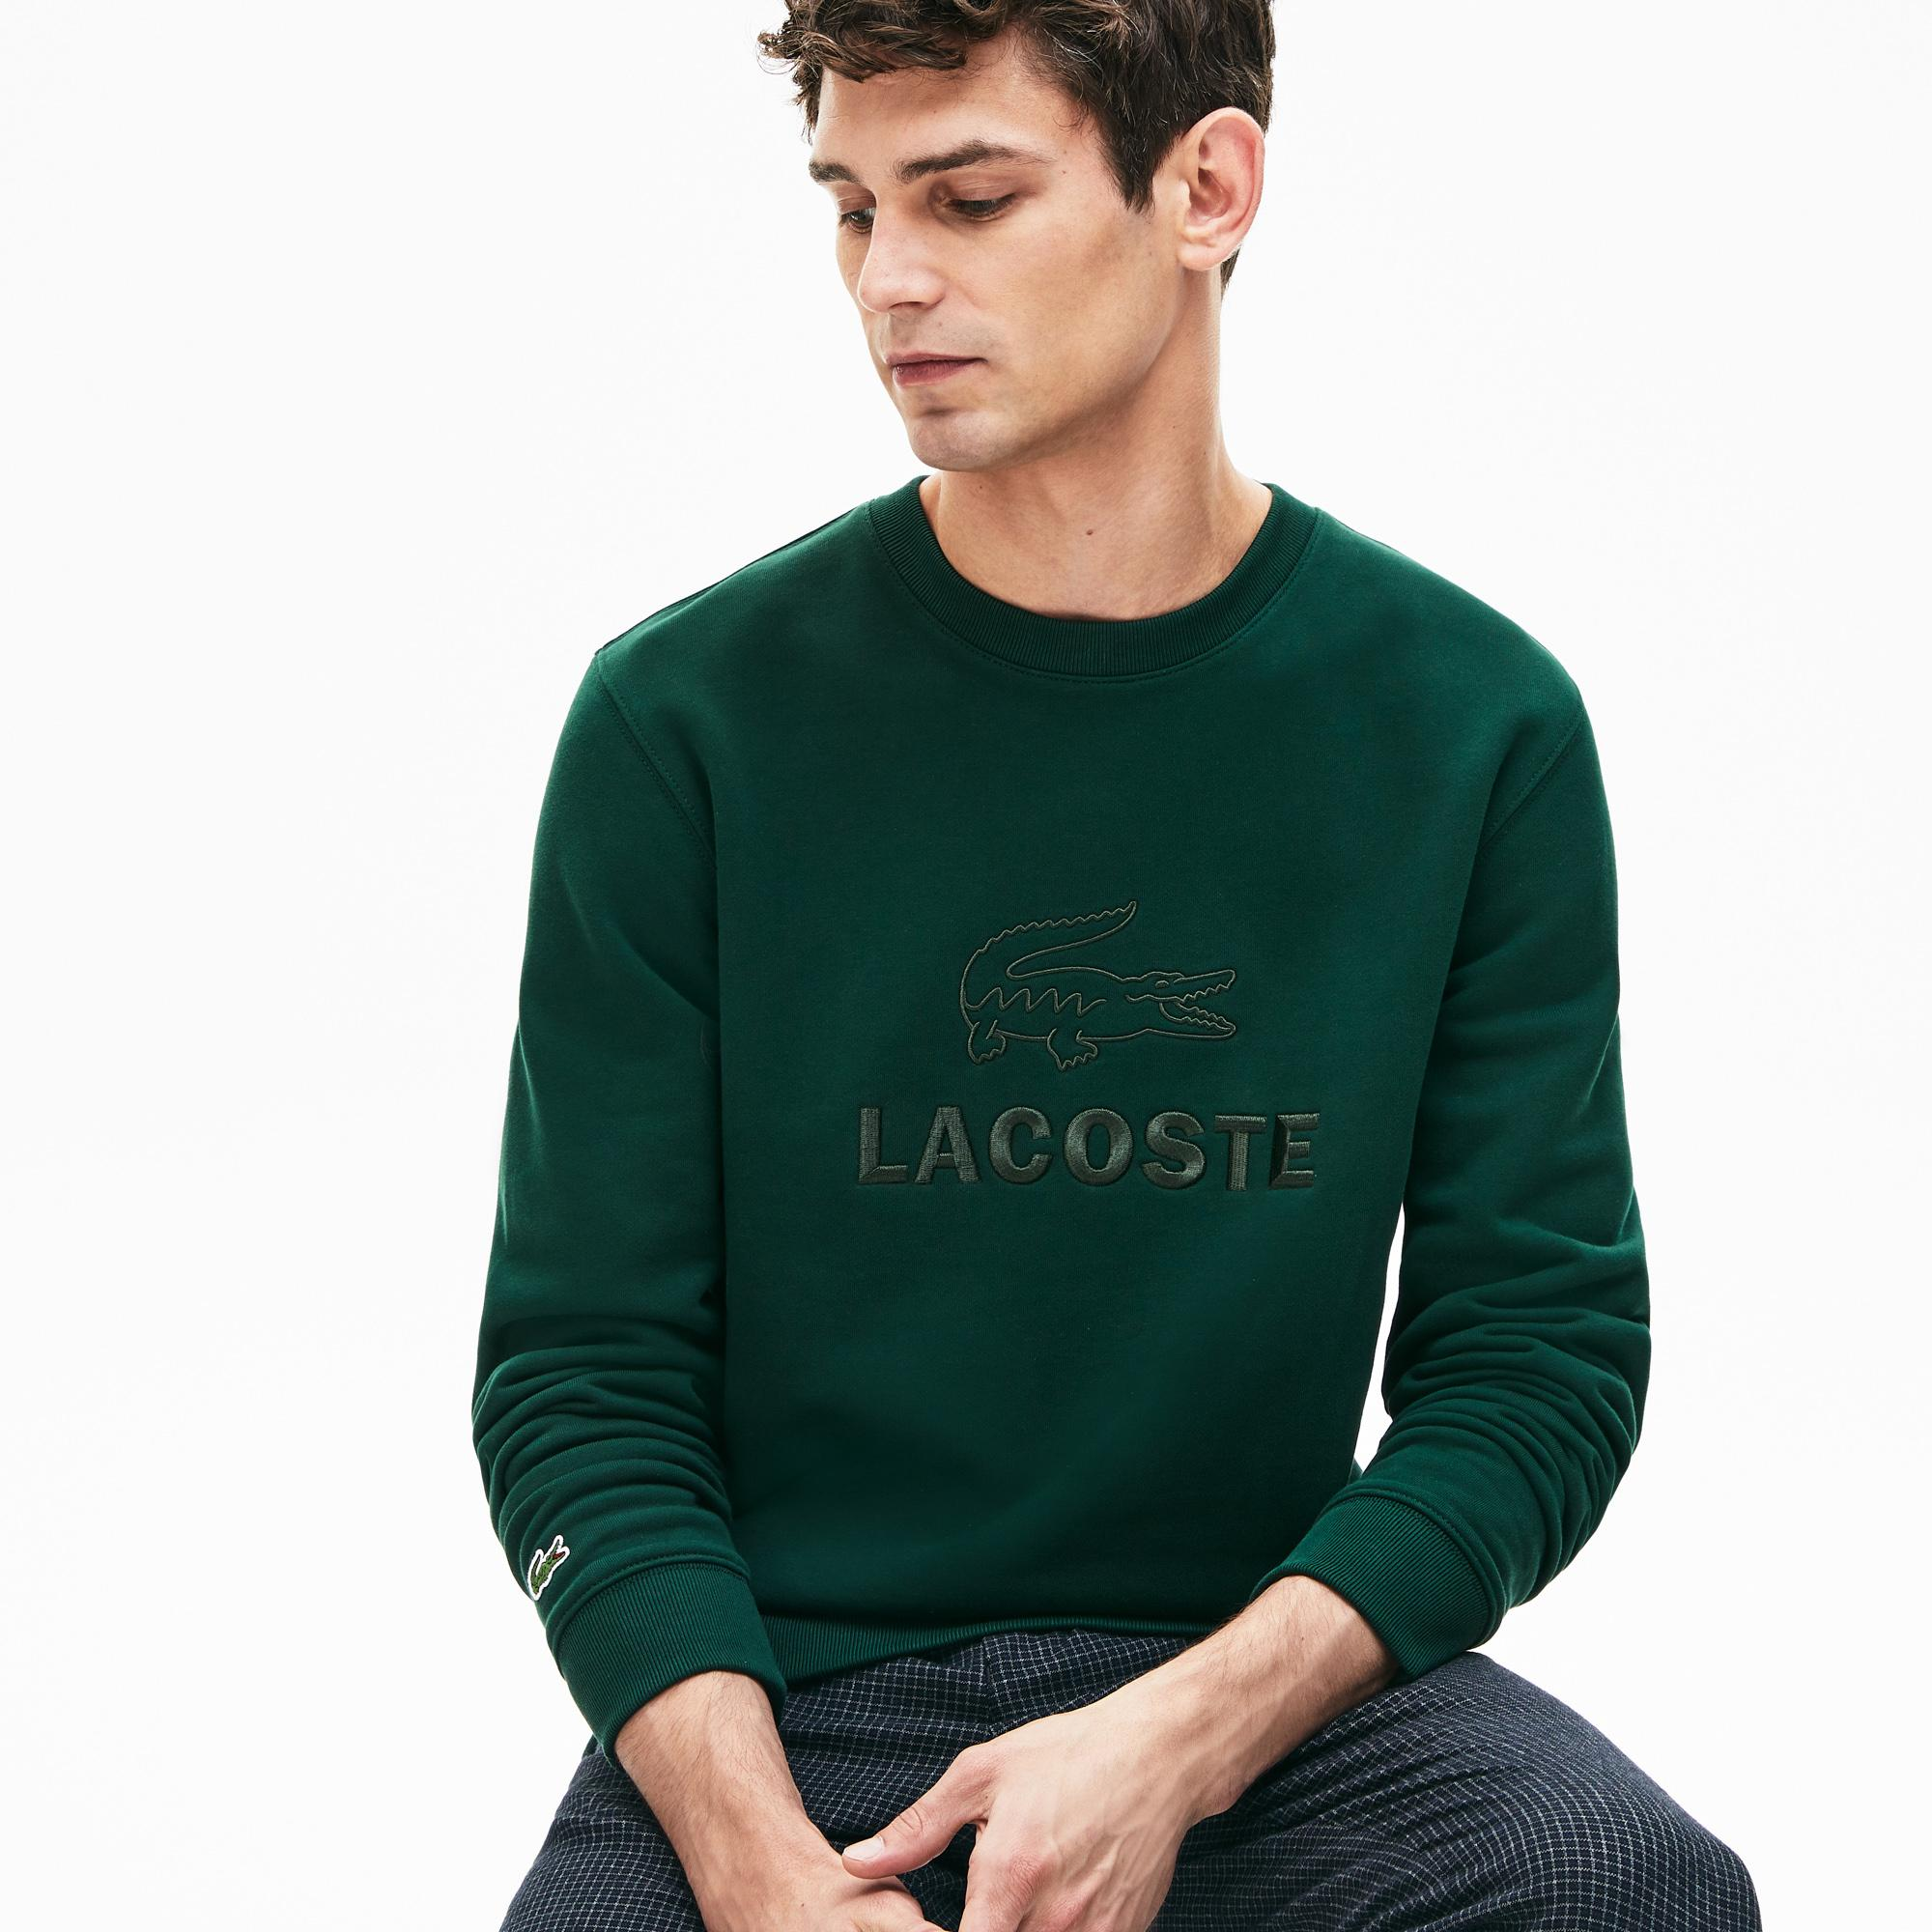 Lacoste Erkek Bisiklet Yaka Nakışlı Yeşil Sweatshirt